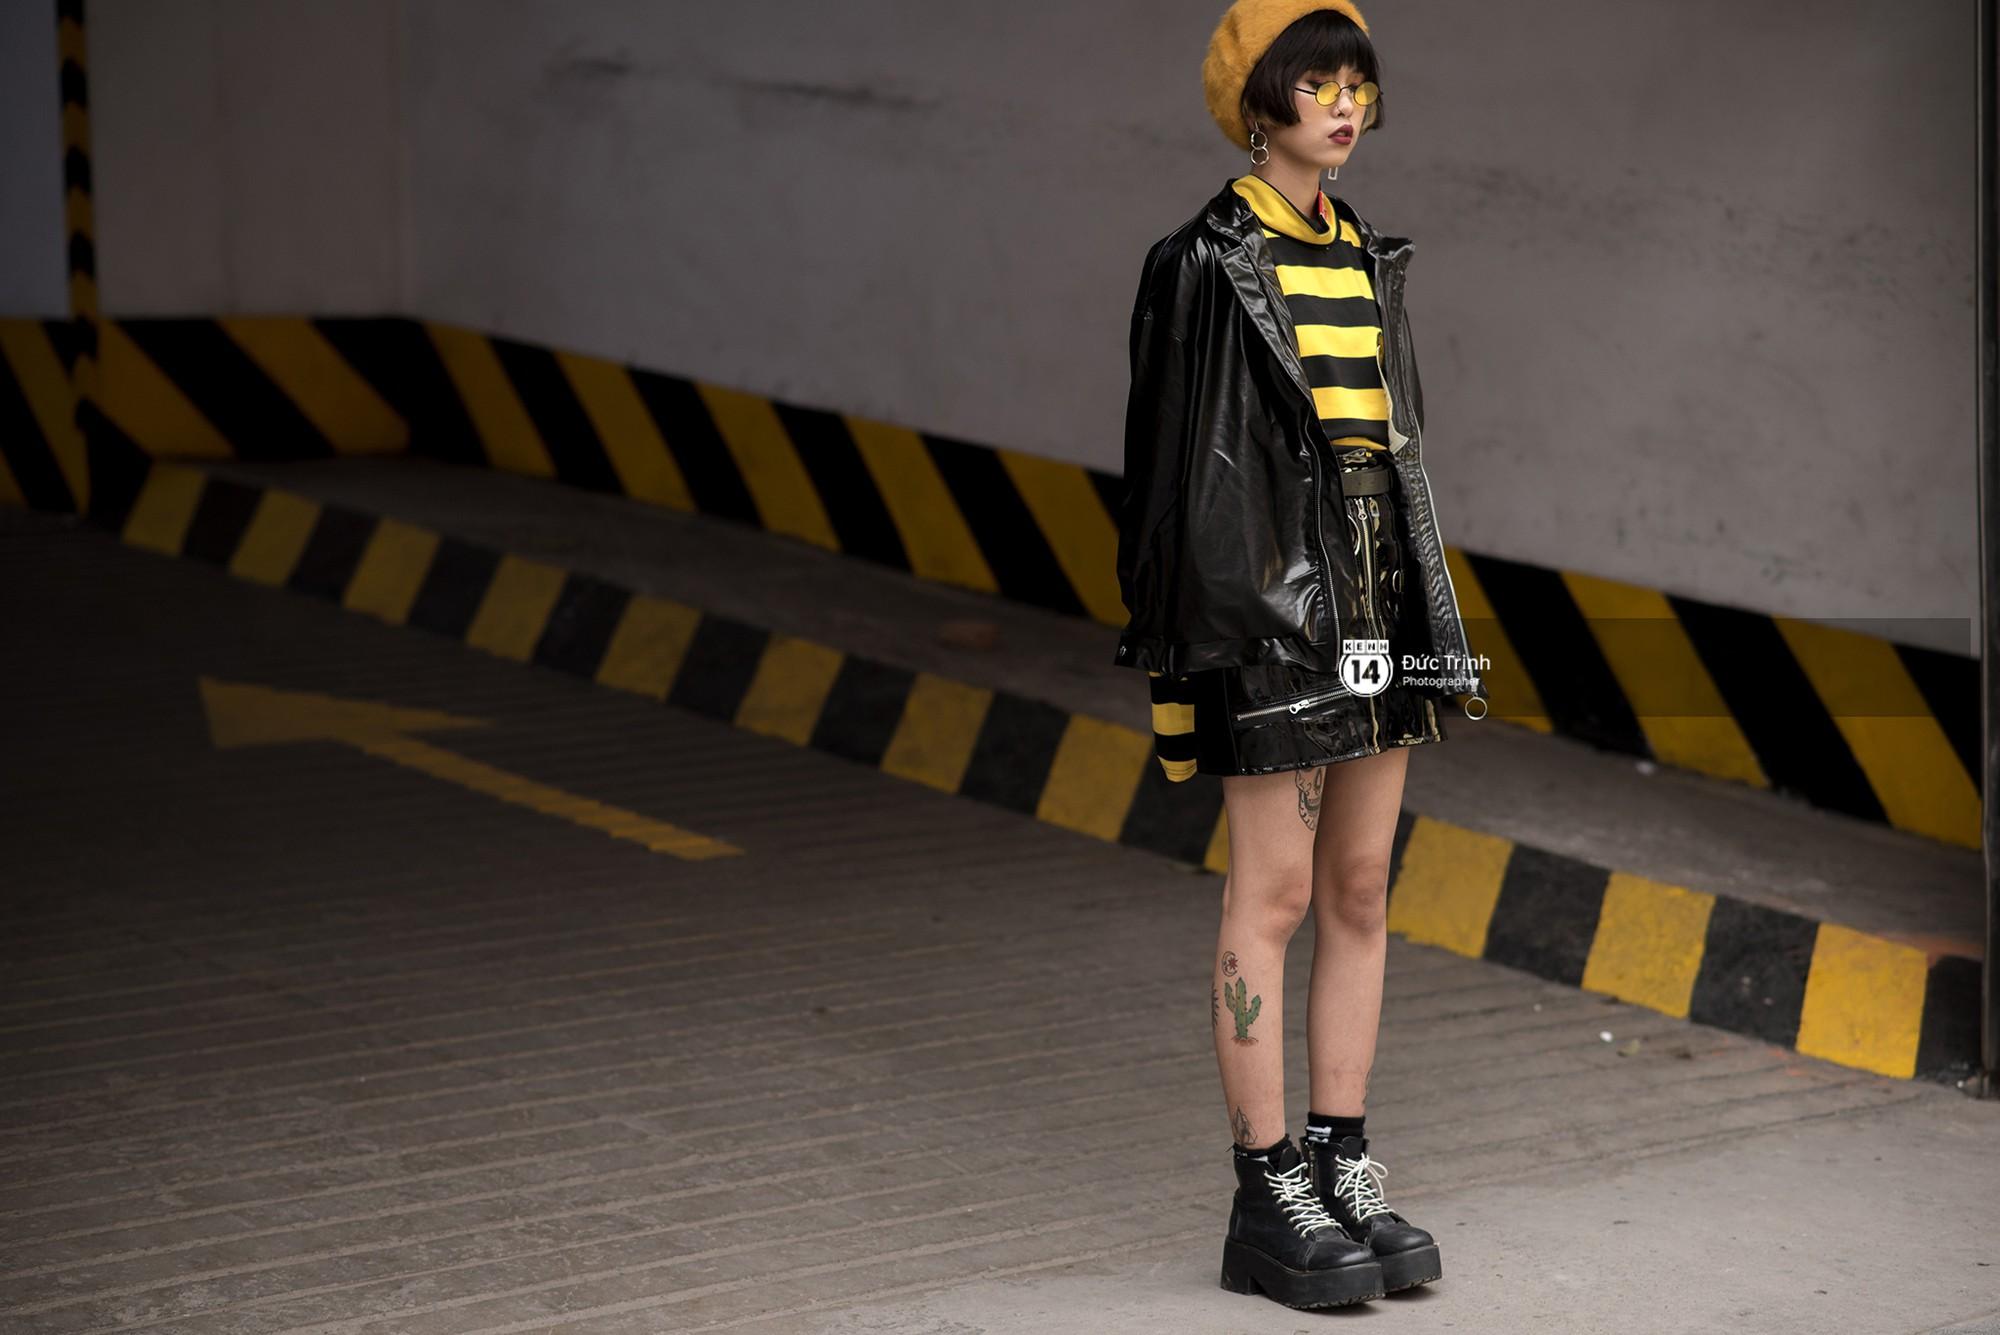 Street style 2 miền: các bạn trẻ nhất mực tôn sùng waist bag và side bag dù có lên đồ theo phong cách nào - Ảnh 7.